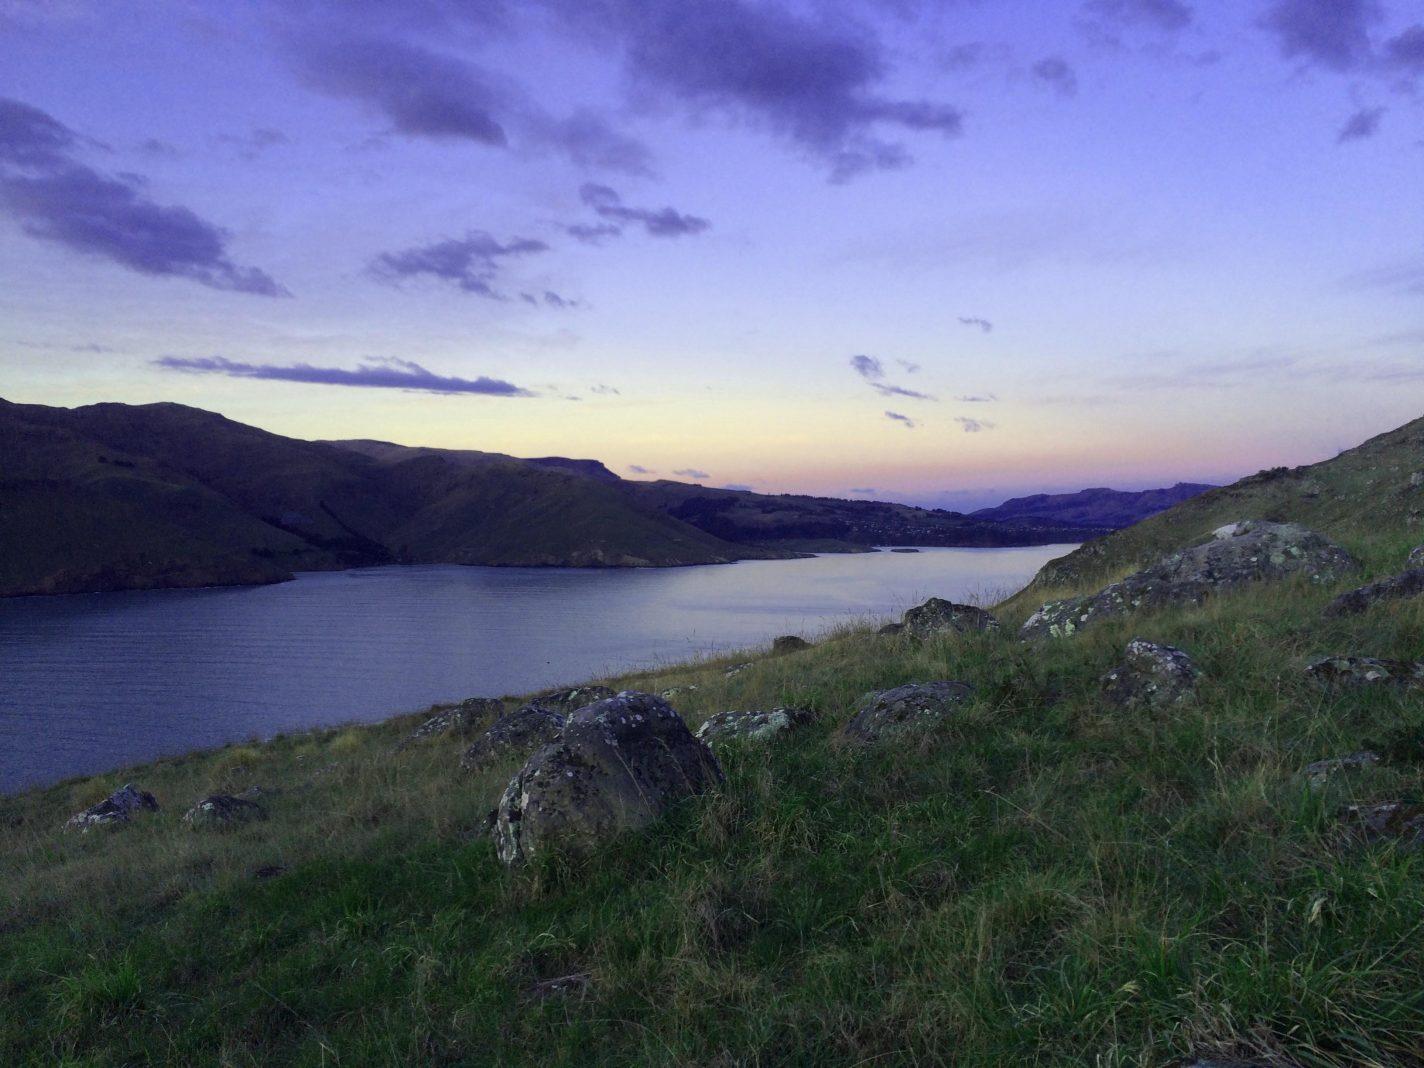 Godley Head - De meest indrukwekkende plekken Nieuw Zeeland